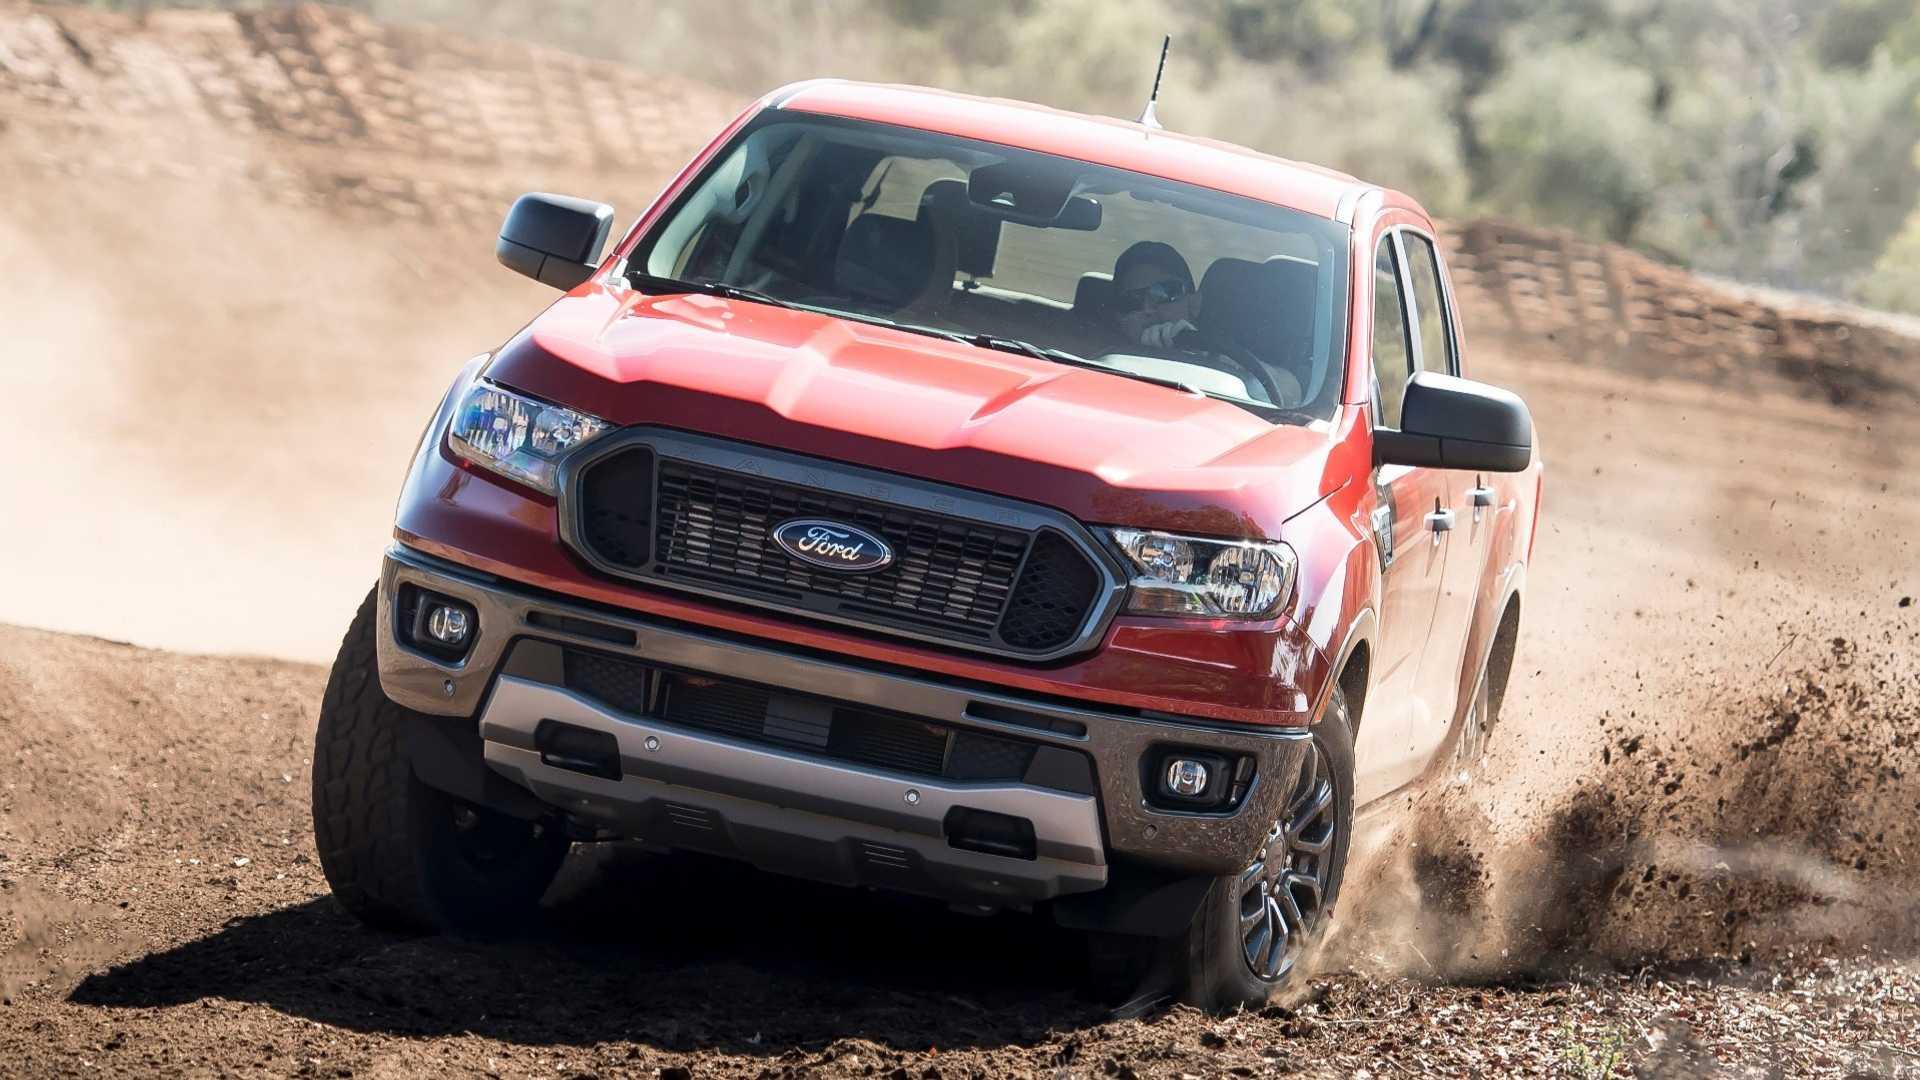 2019-ford-ranger-danh-gia-3.jpg